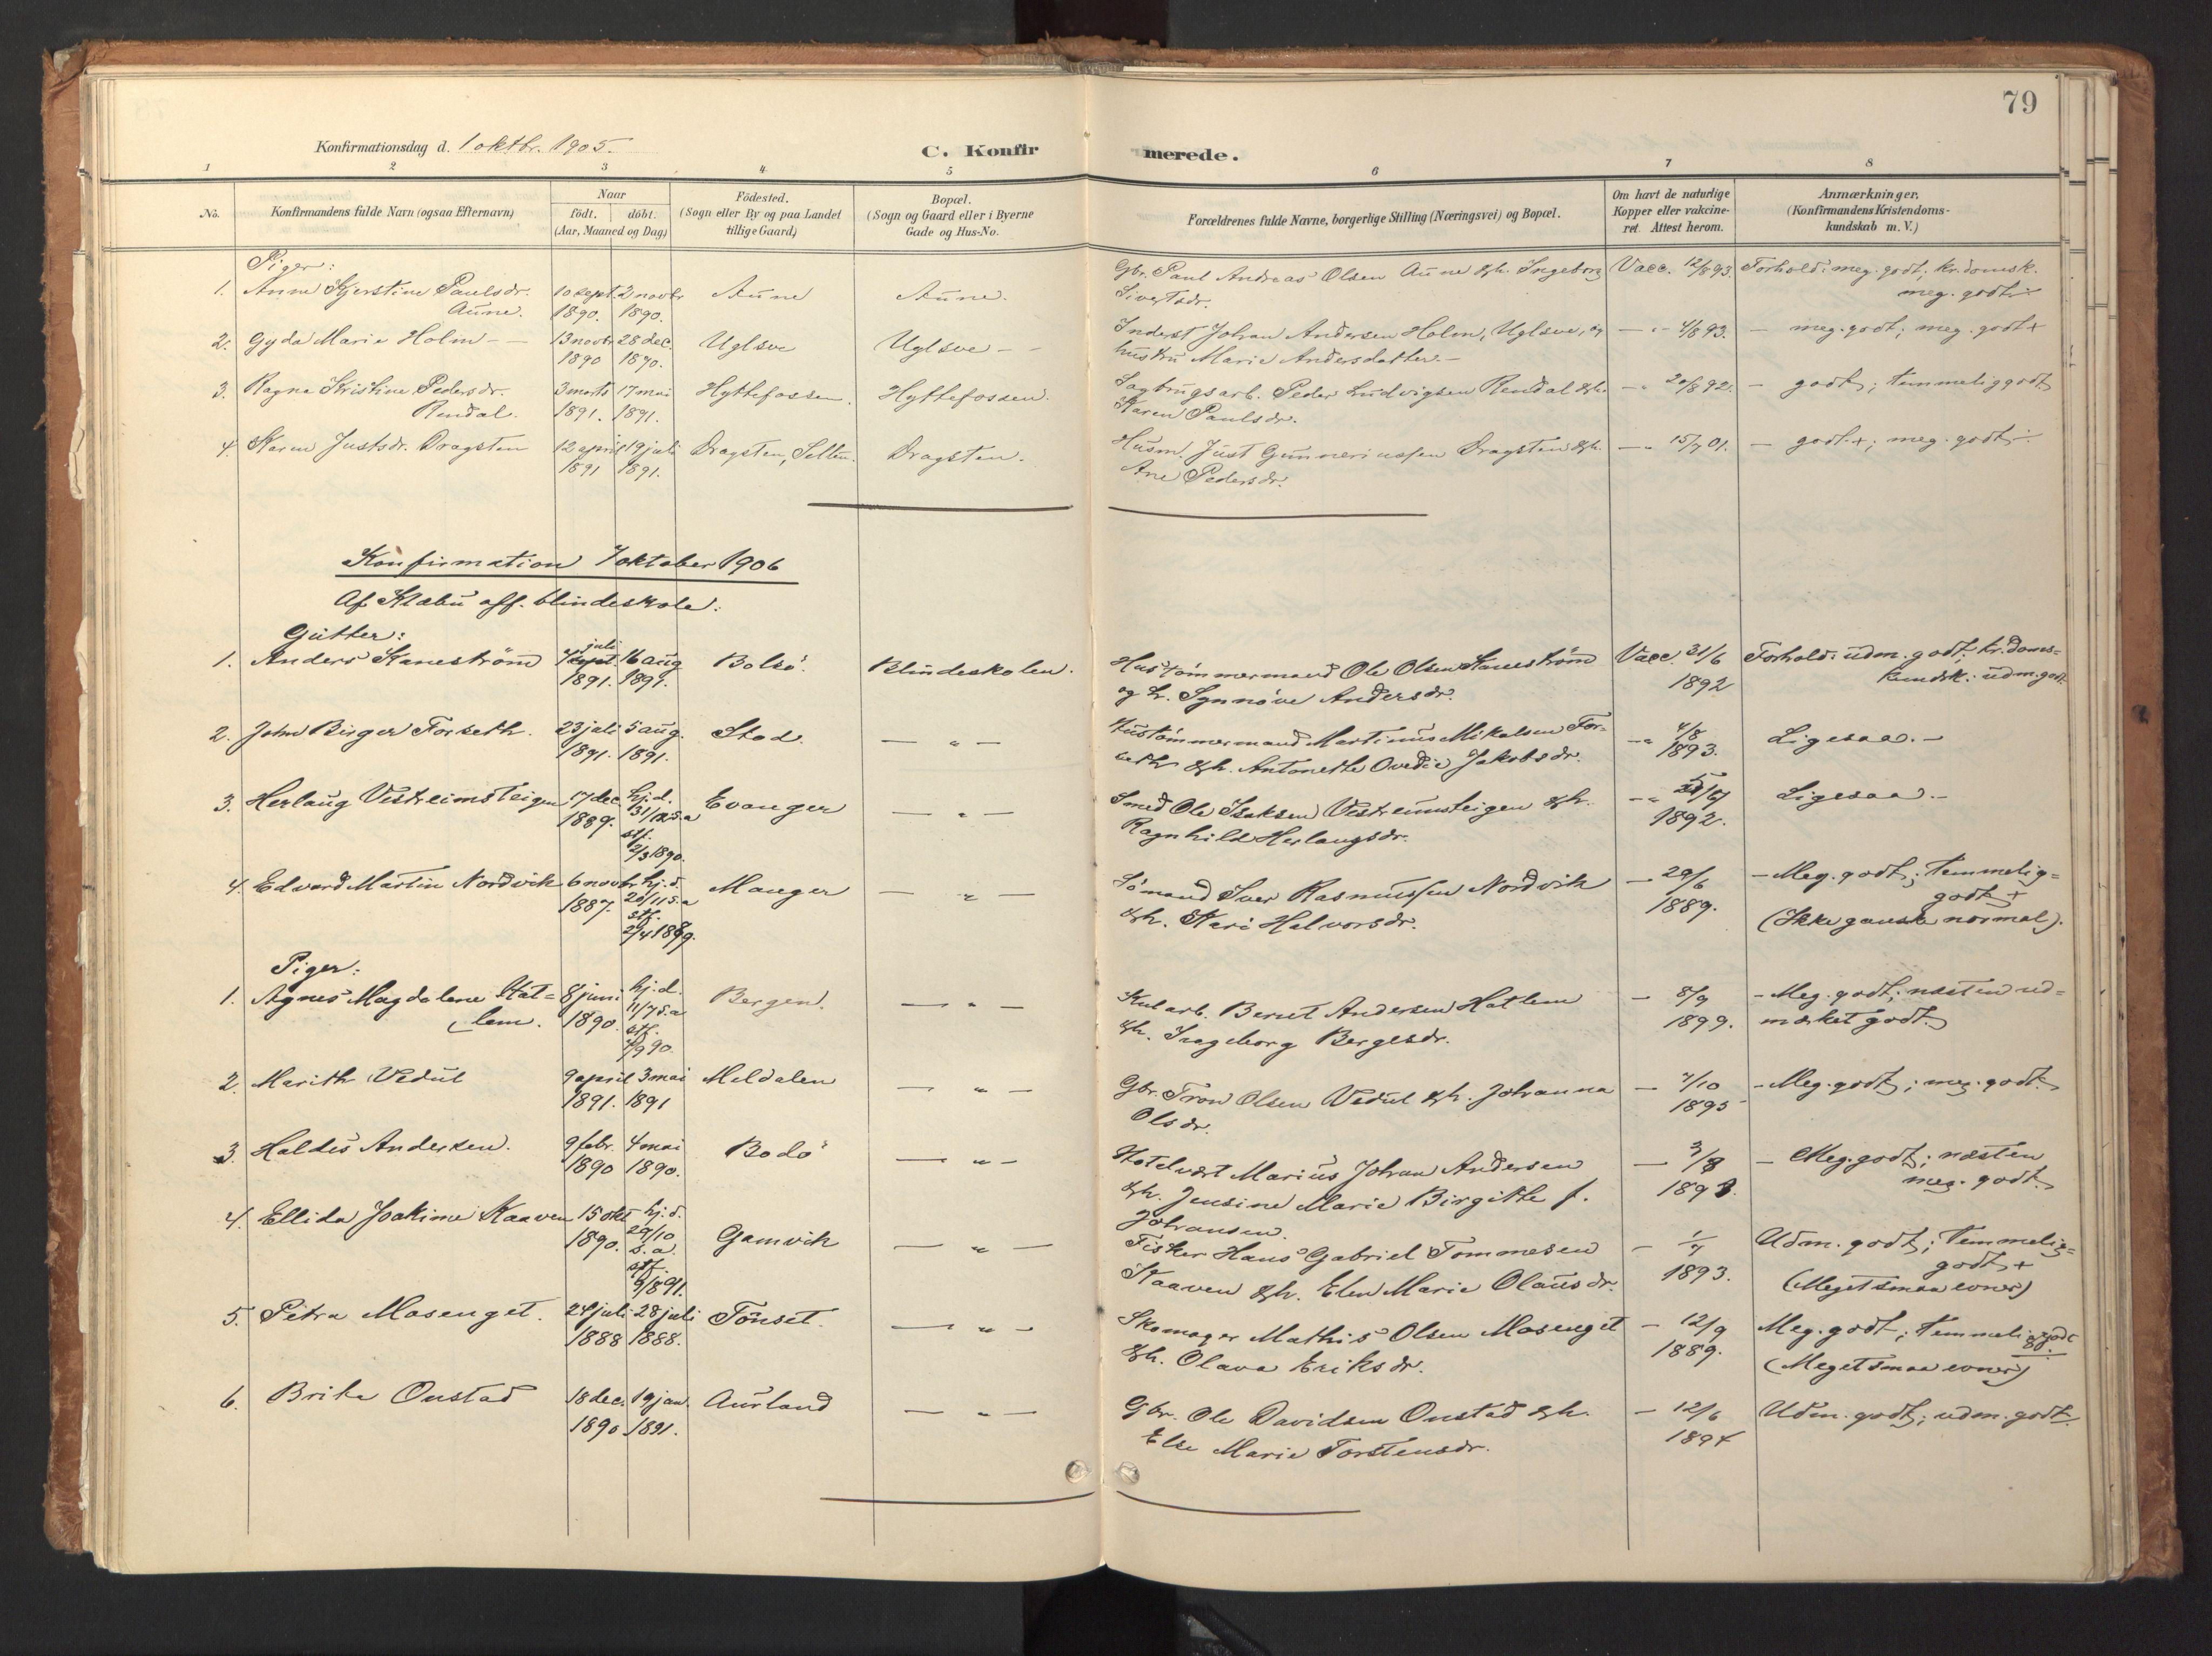 SAT, Ministerialprotokoller, klokkerbøker og fødselsregistre - Sør-Trøndelag, 618/L0448: Ministerialbok nr. 618A11, 1898-1916, s. 79